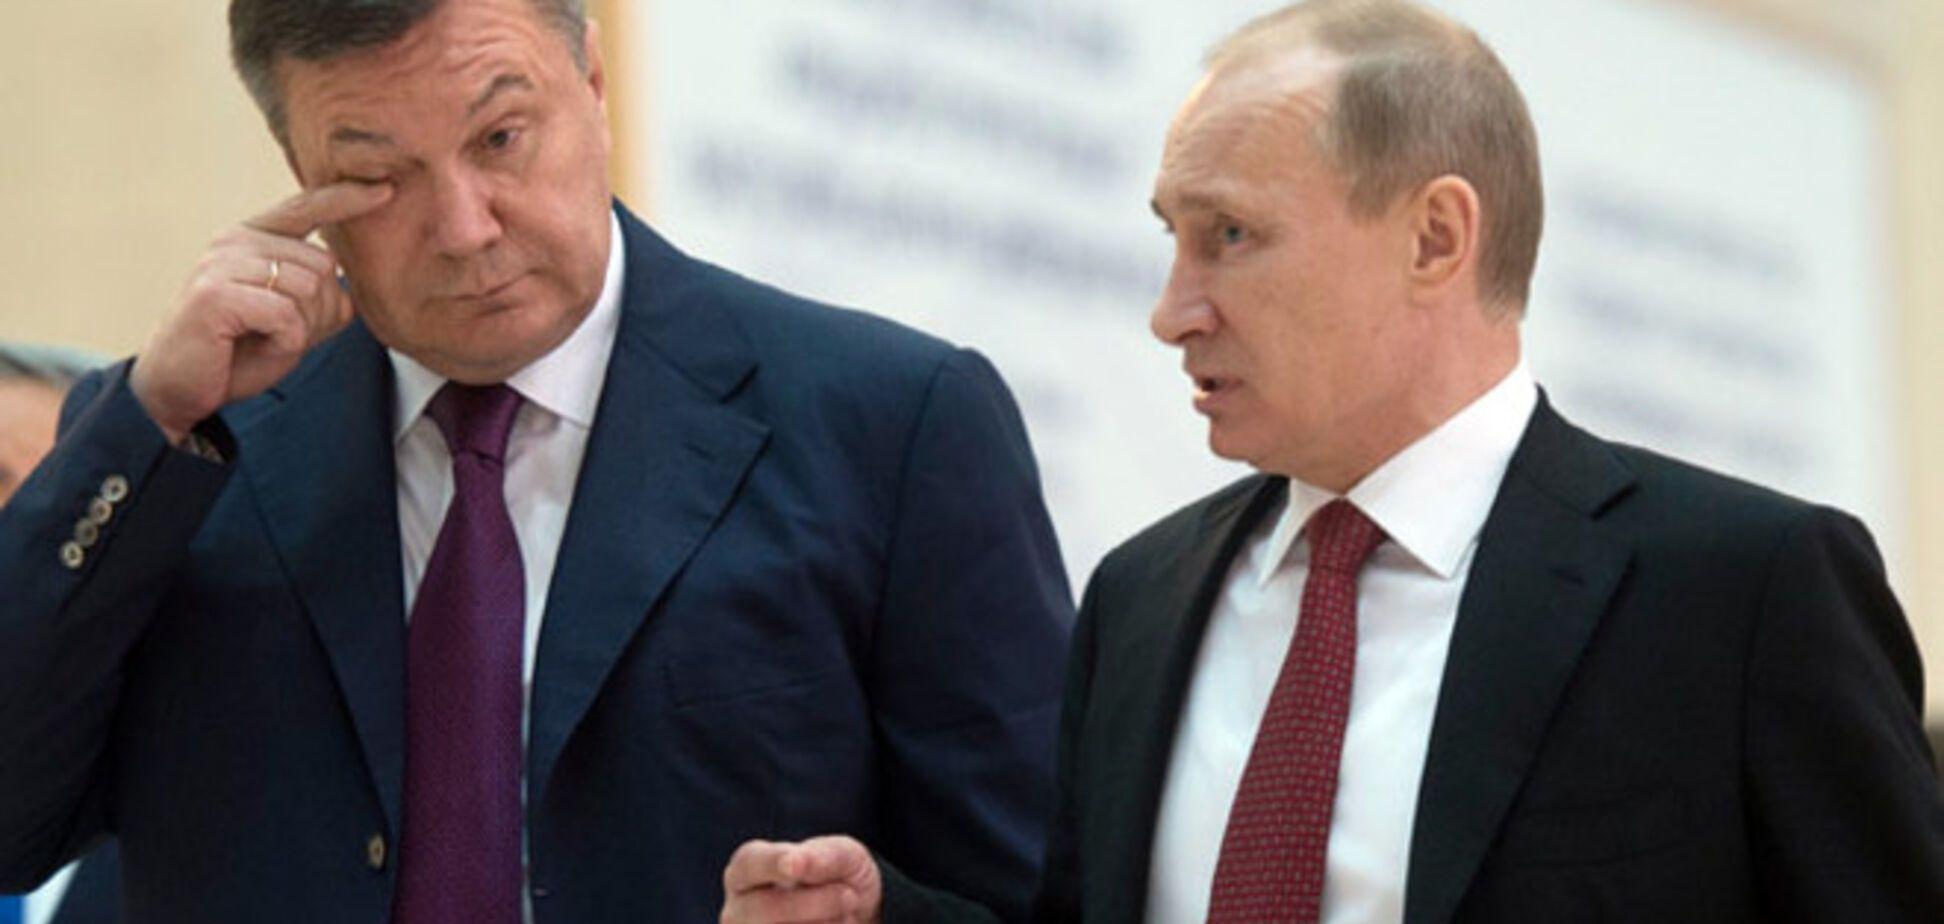 Ходорковский: Путин может быть замешан в расстреле Евромайдана